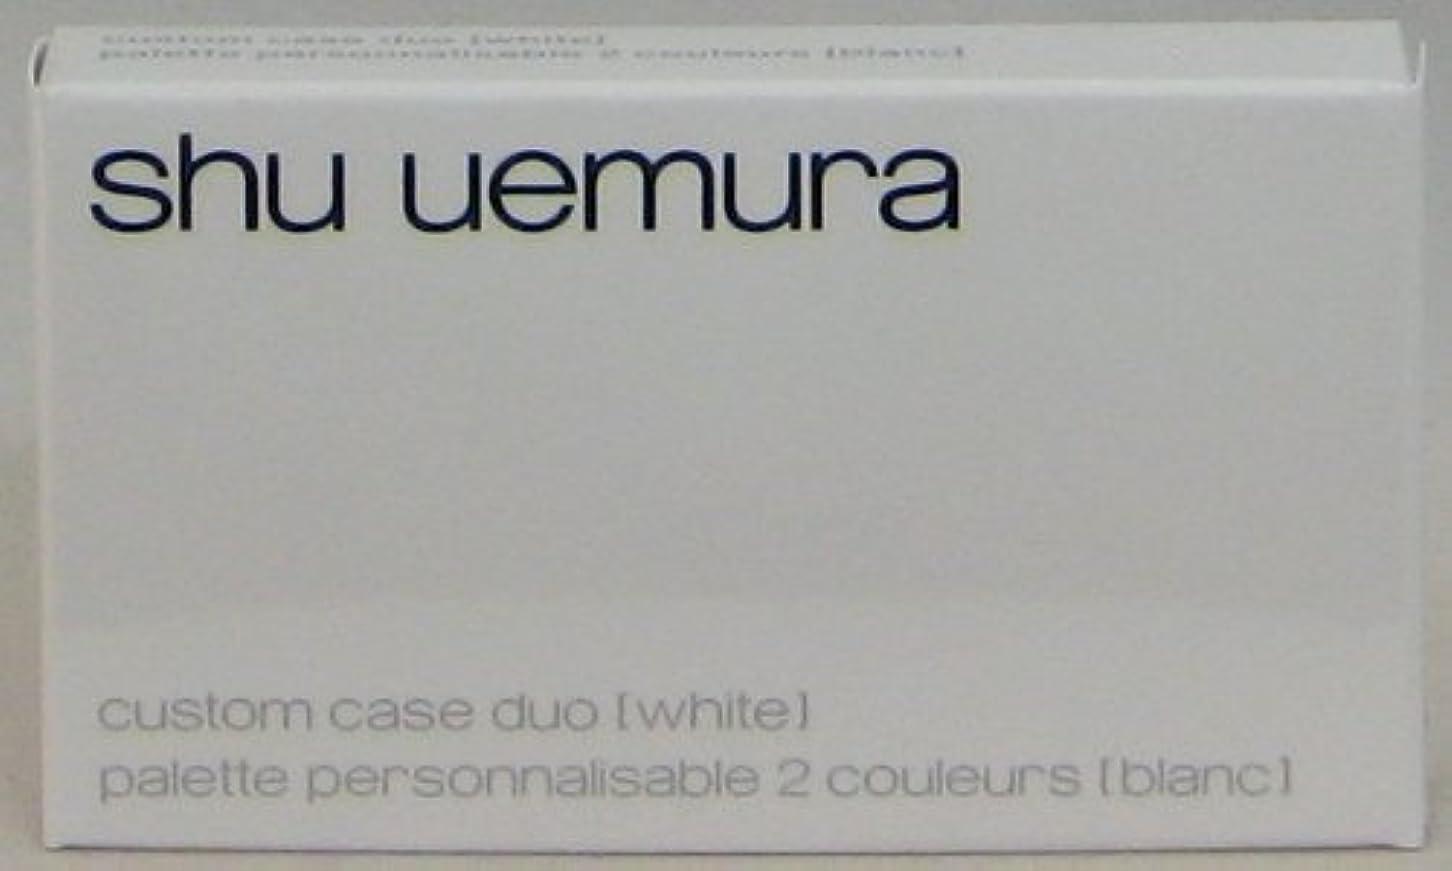 中絶ナチュラカップシュウウエムラ カスタムケース II(ホワイト)